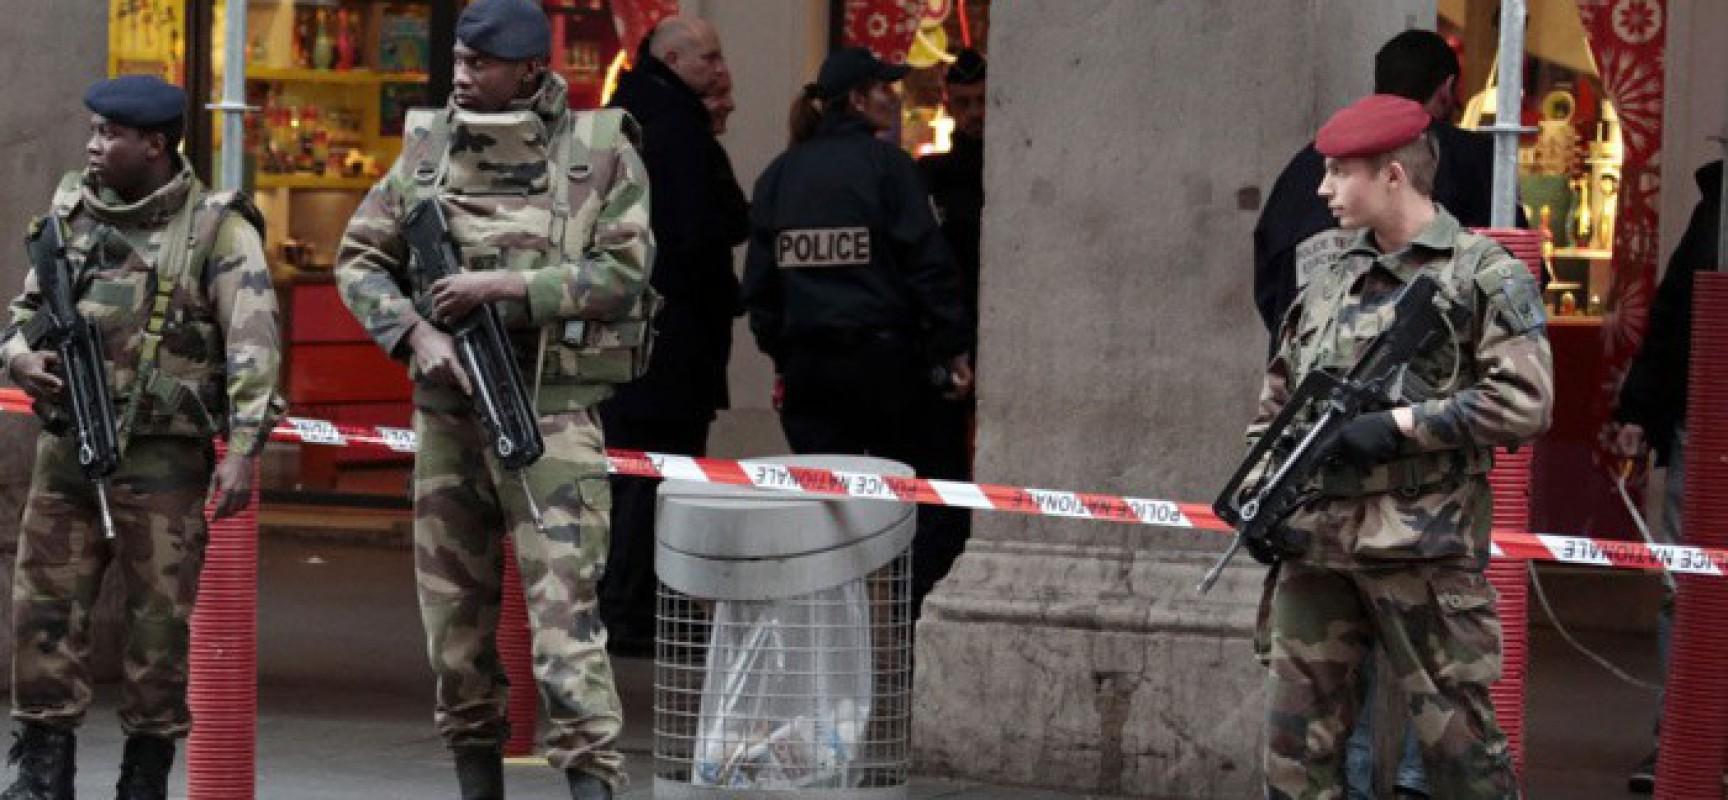 Résultat de l'attaque de Nice: l'état d'urgence est prolongé de trois mois